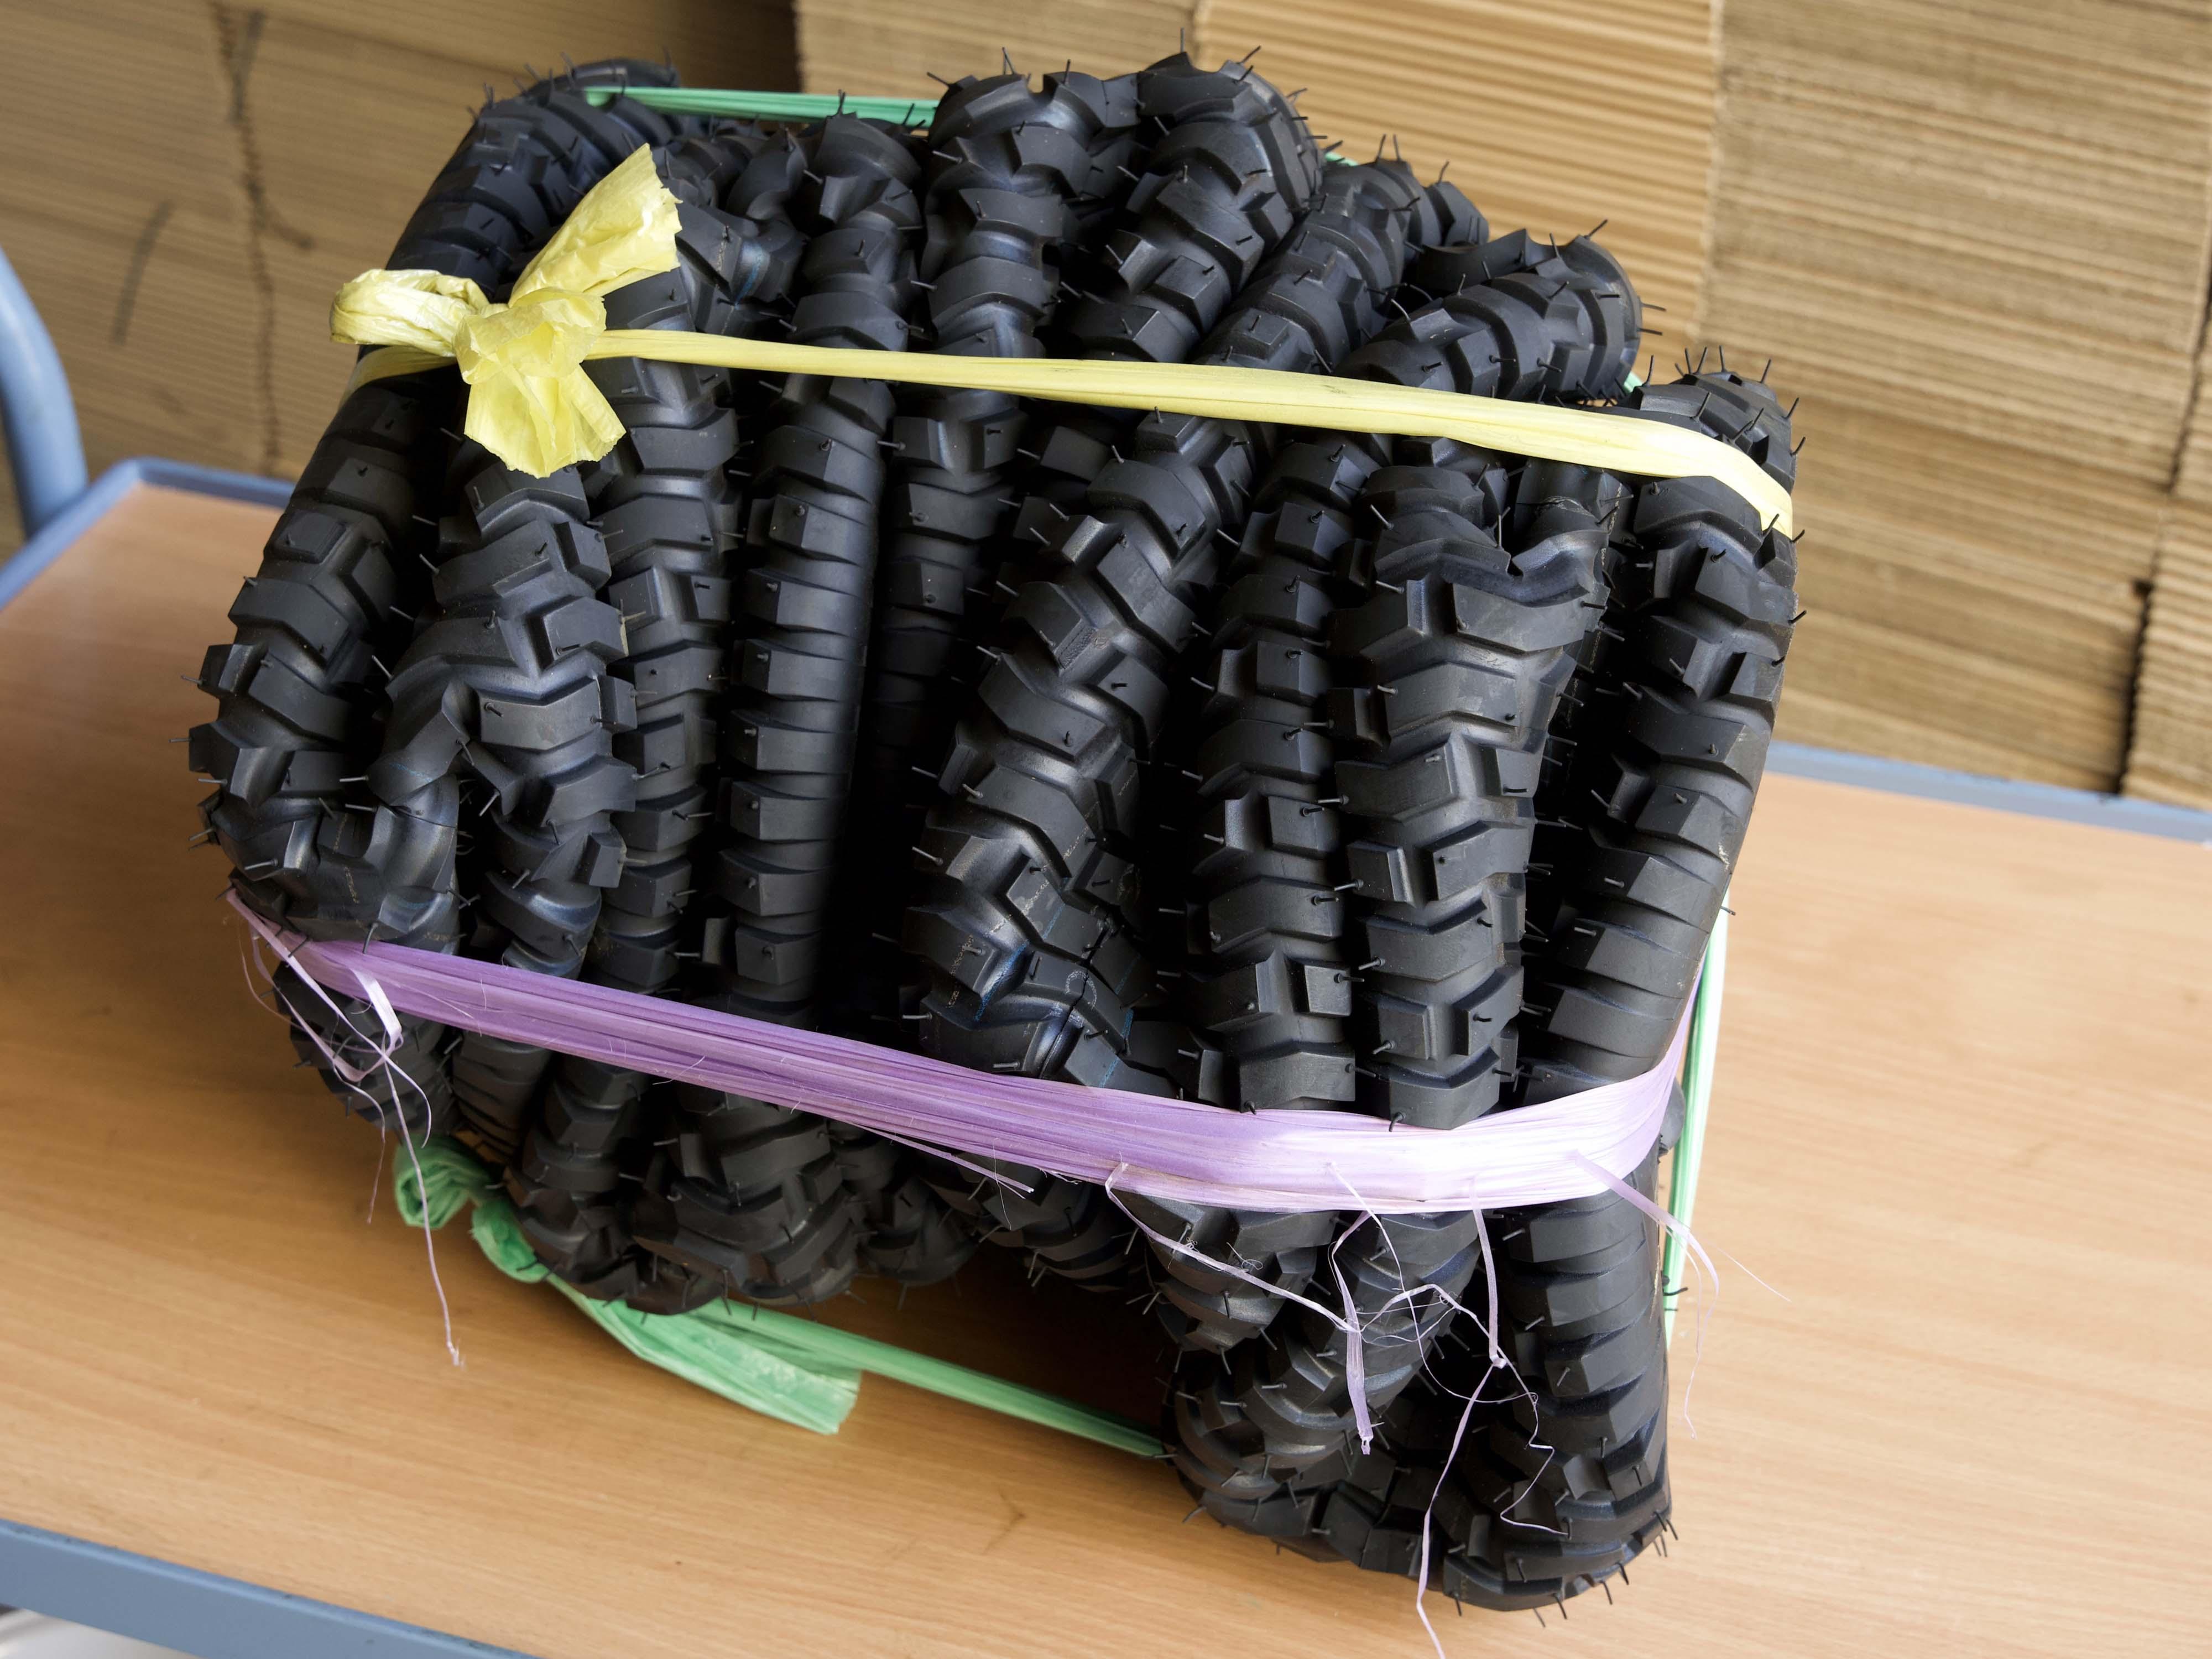 Reifenbündel geschnürt